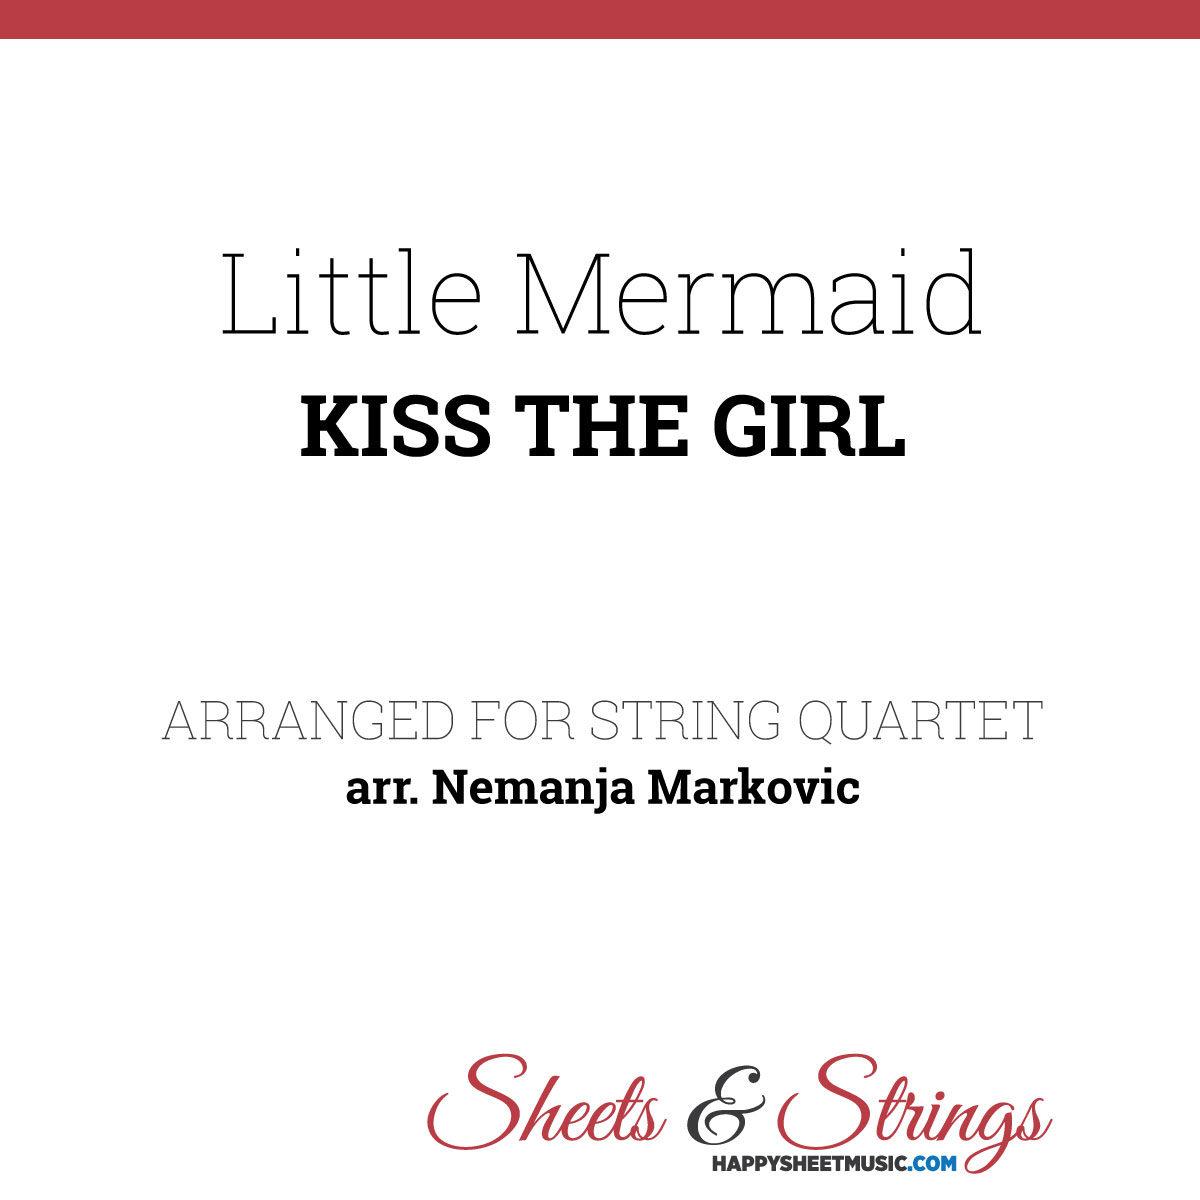 Little Mermaid - Kiss The Girl - Sheet Music for String Quartet - Music Arrangement